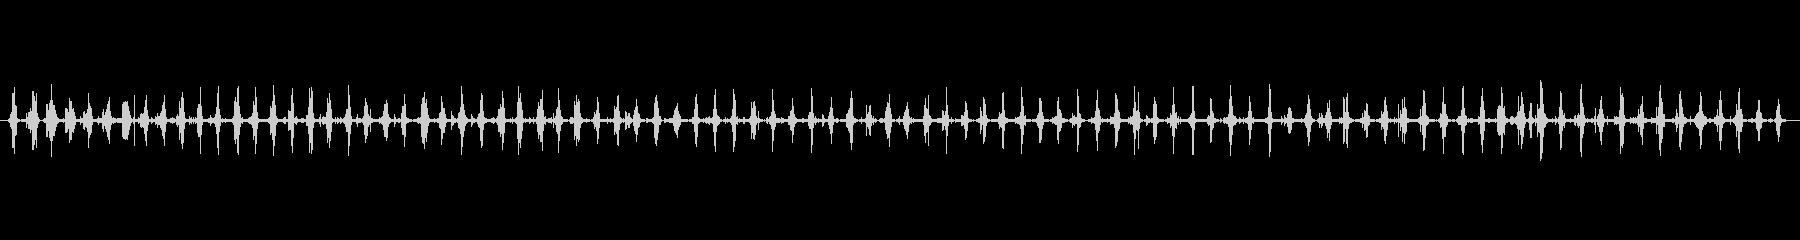 鎧 軍隊の革金属マーチファースト01の未再生の波形